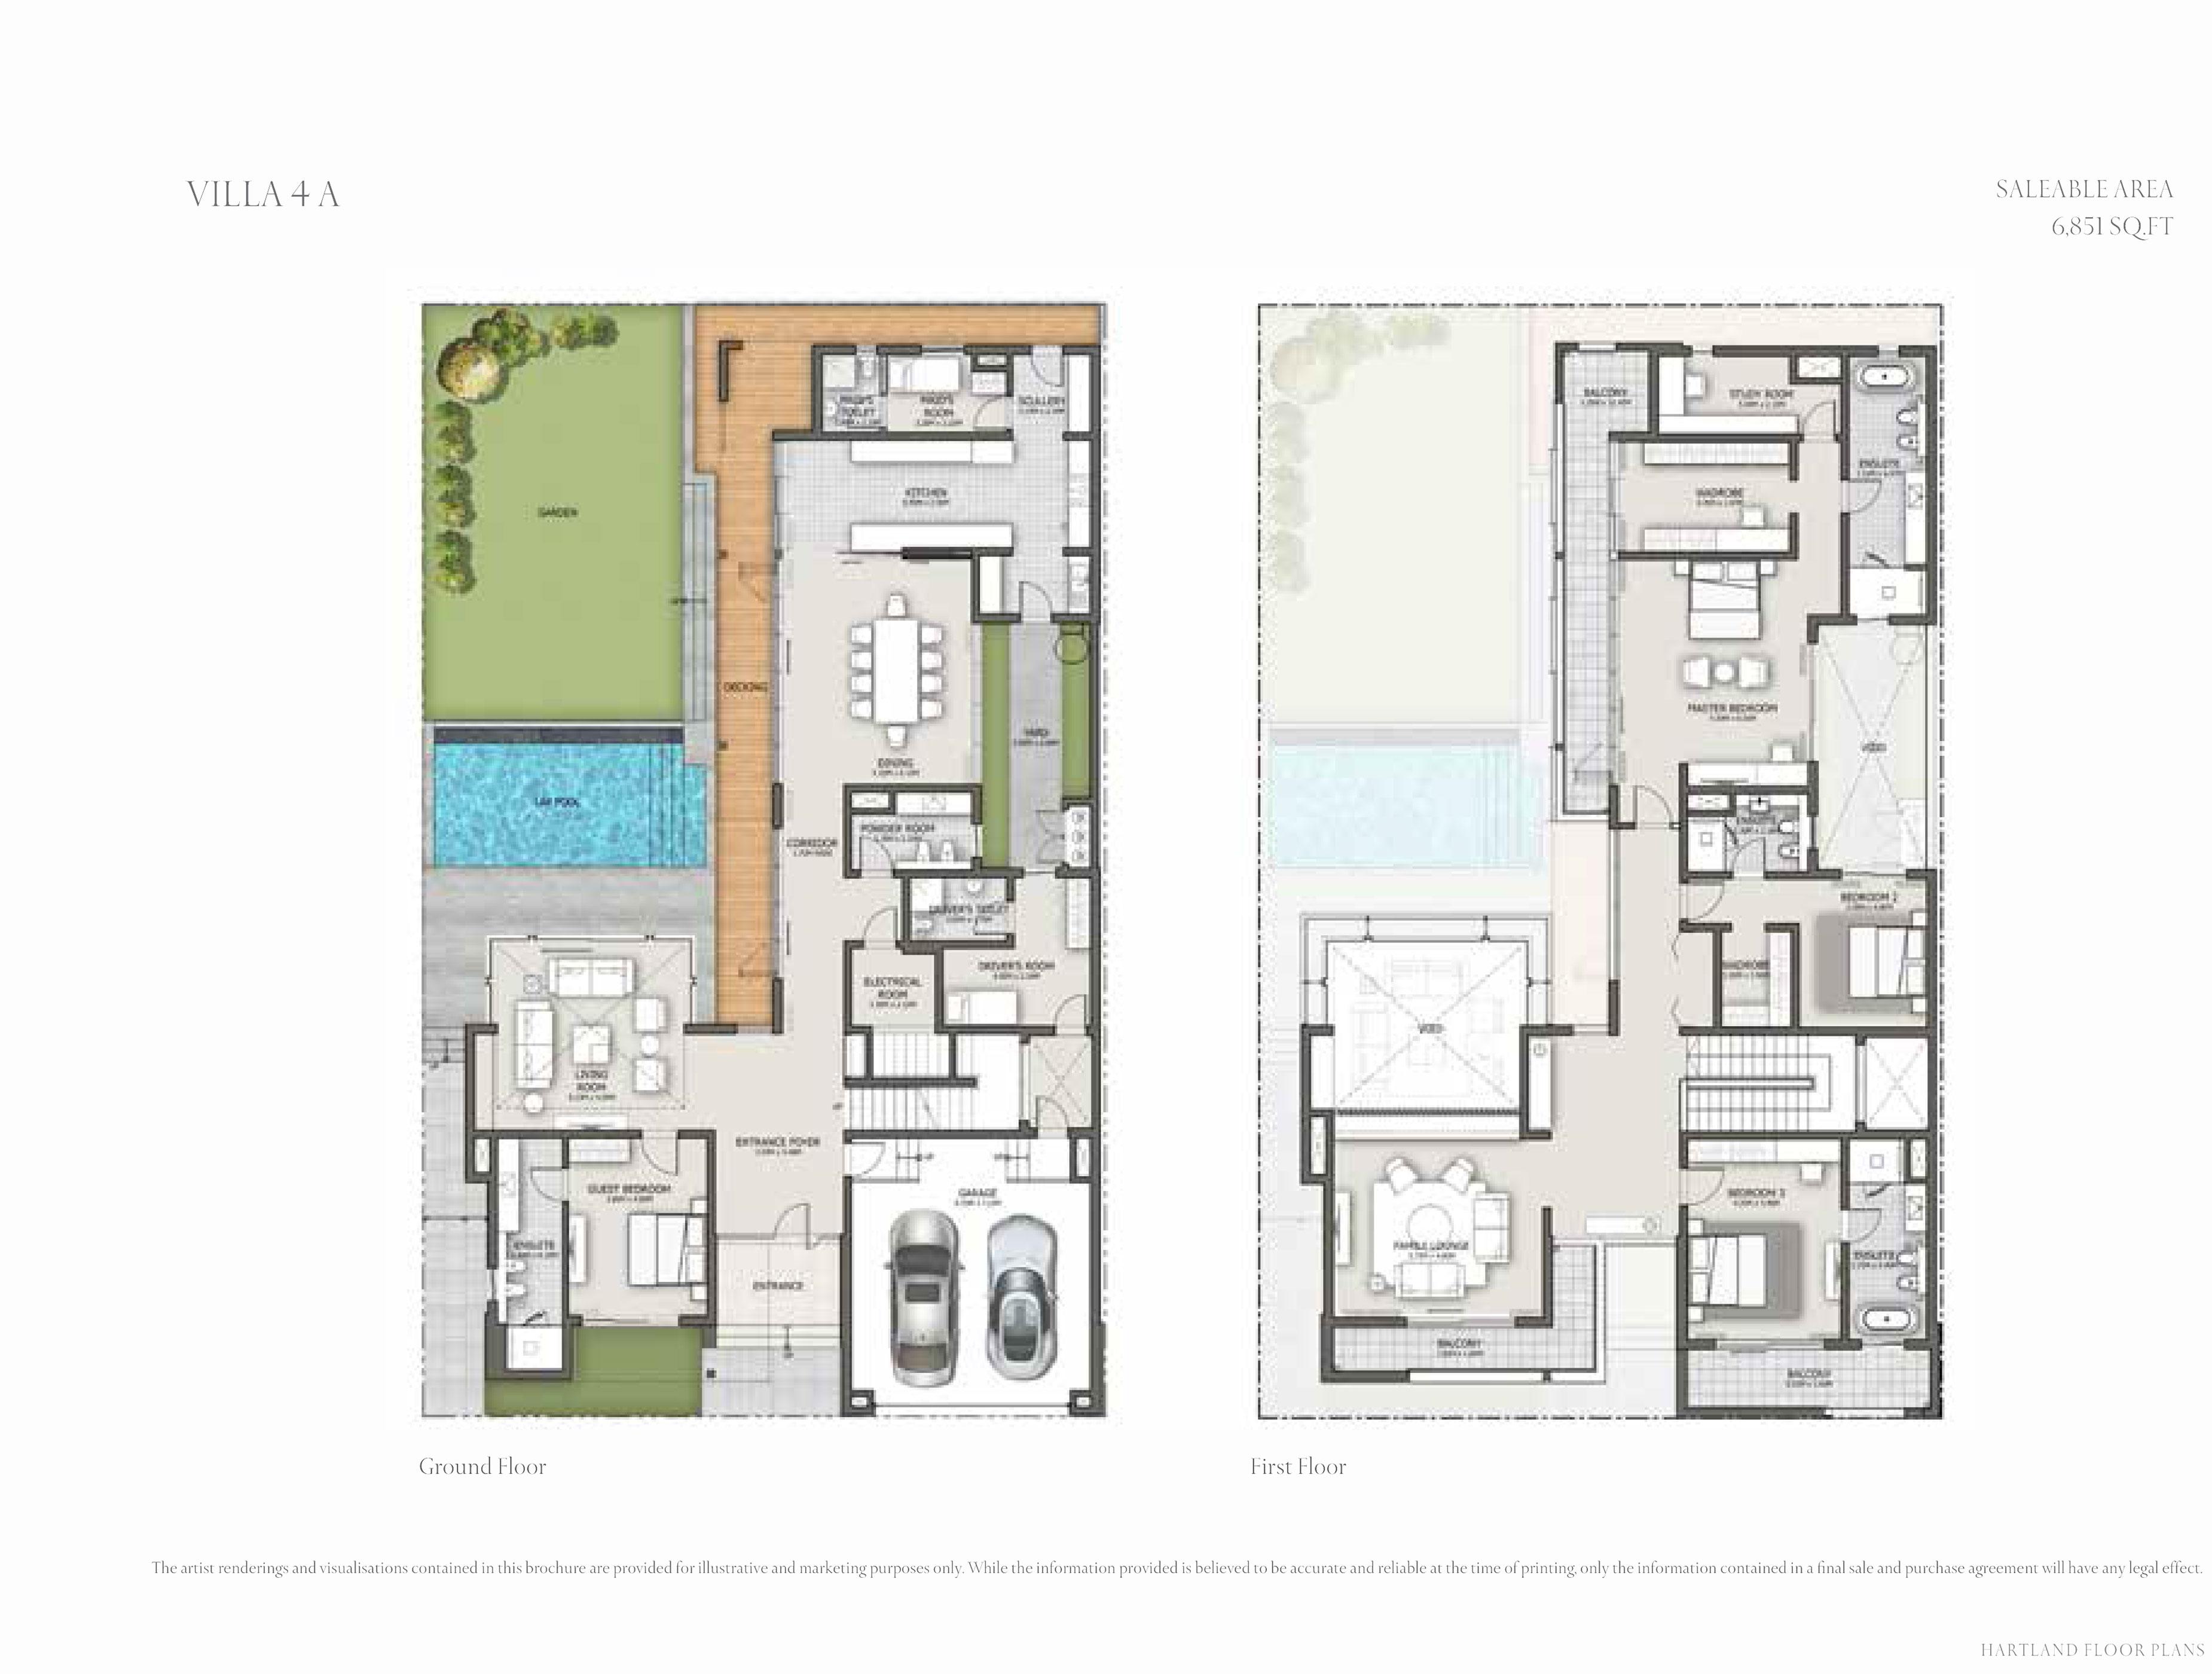 Villas-4A-Area-6851